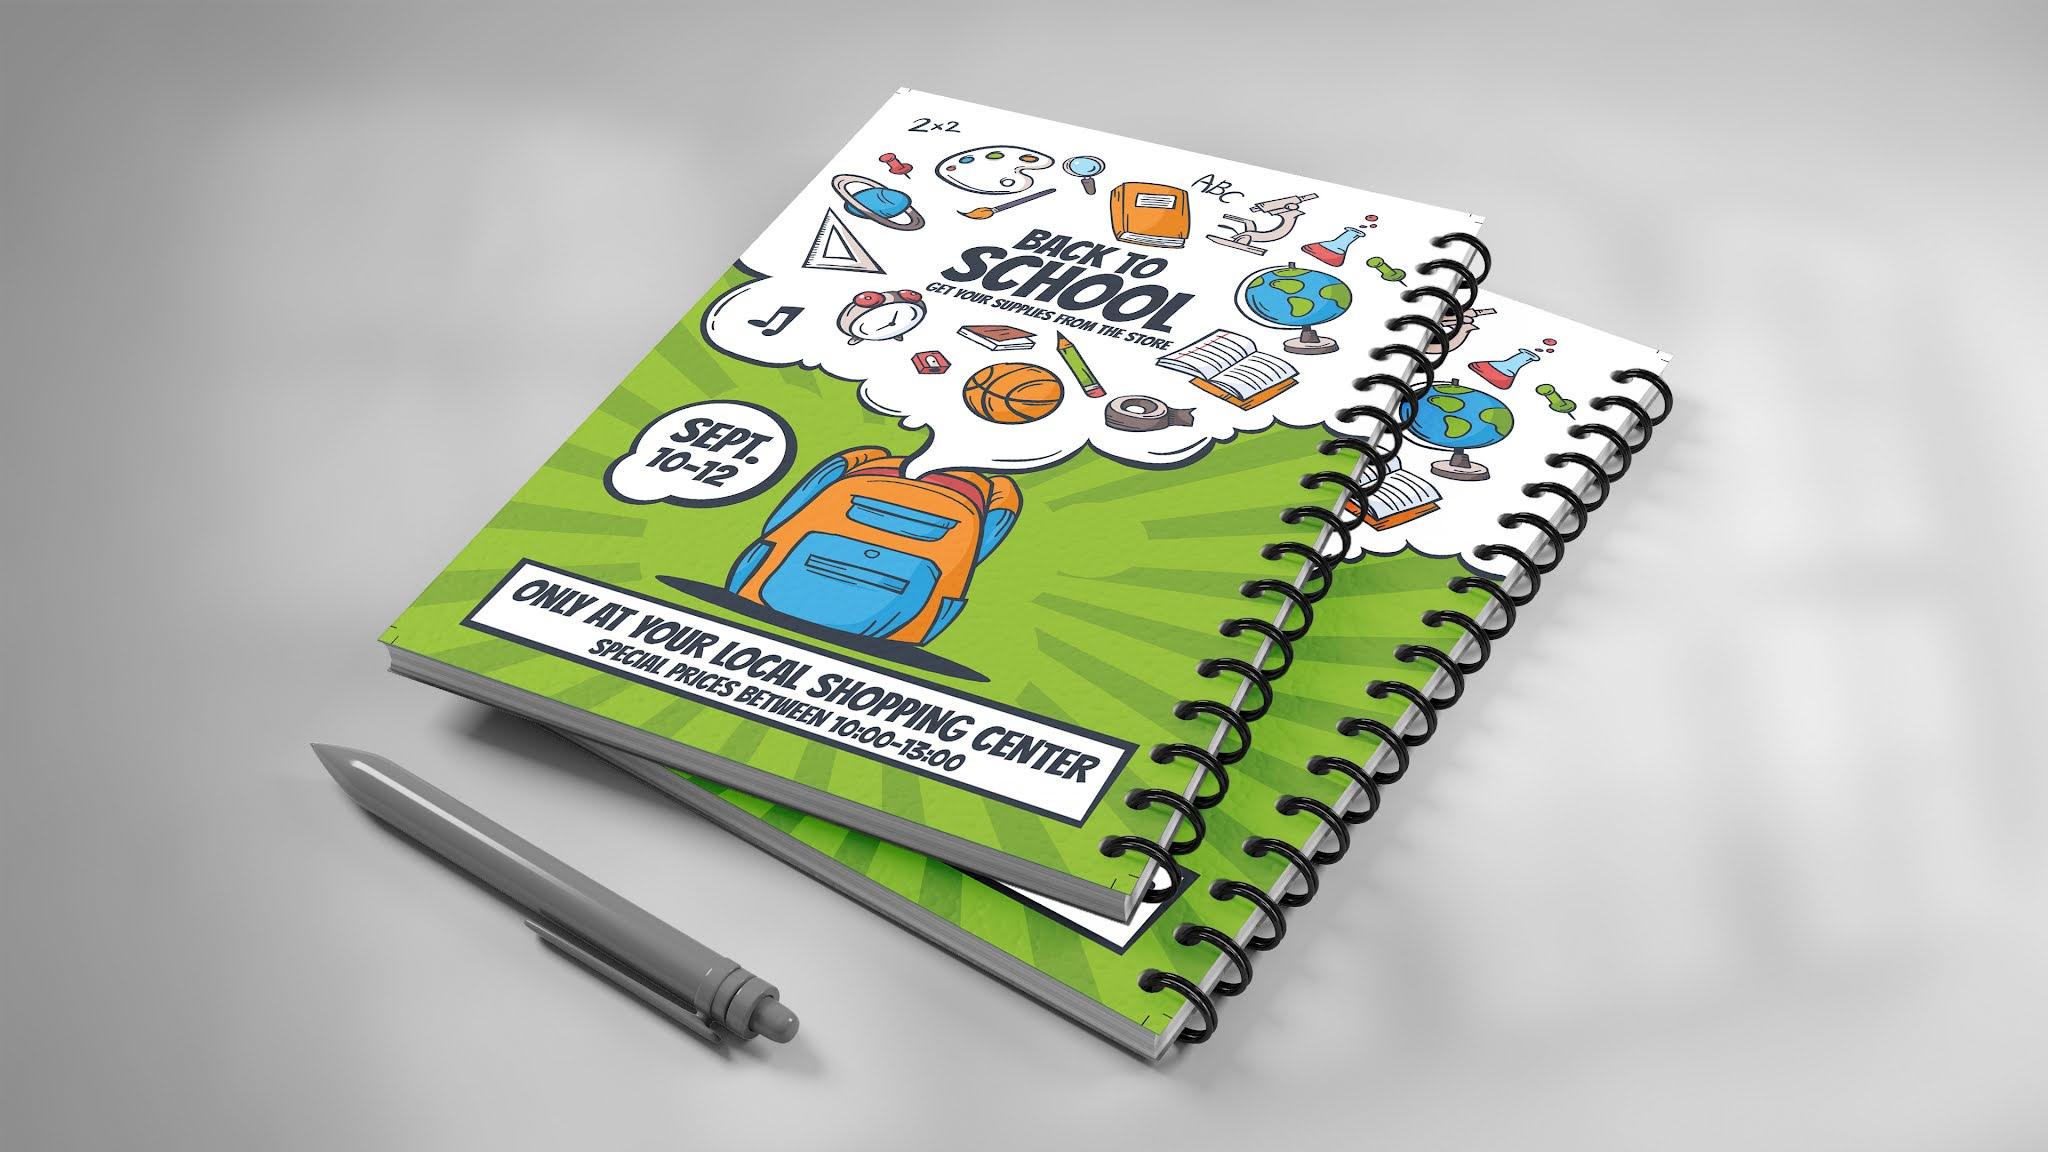 تحميل غلاف كتاب ومذكرة للمدارس PSD يصلح فلاير بوستر اللون  الاخضر الرائع